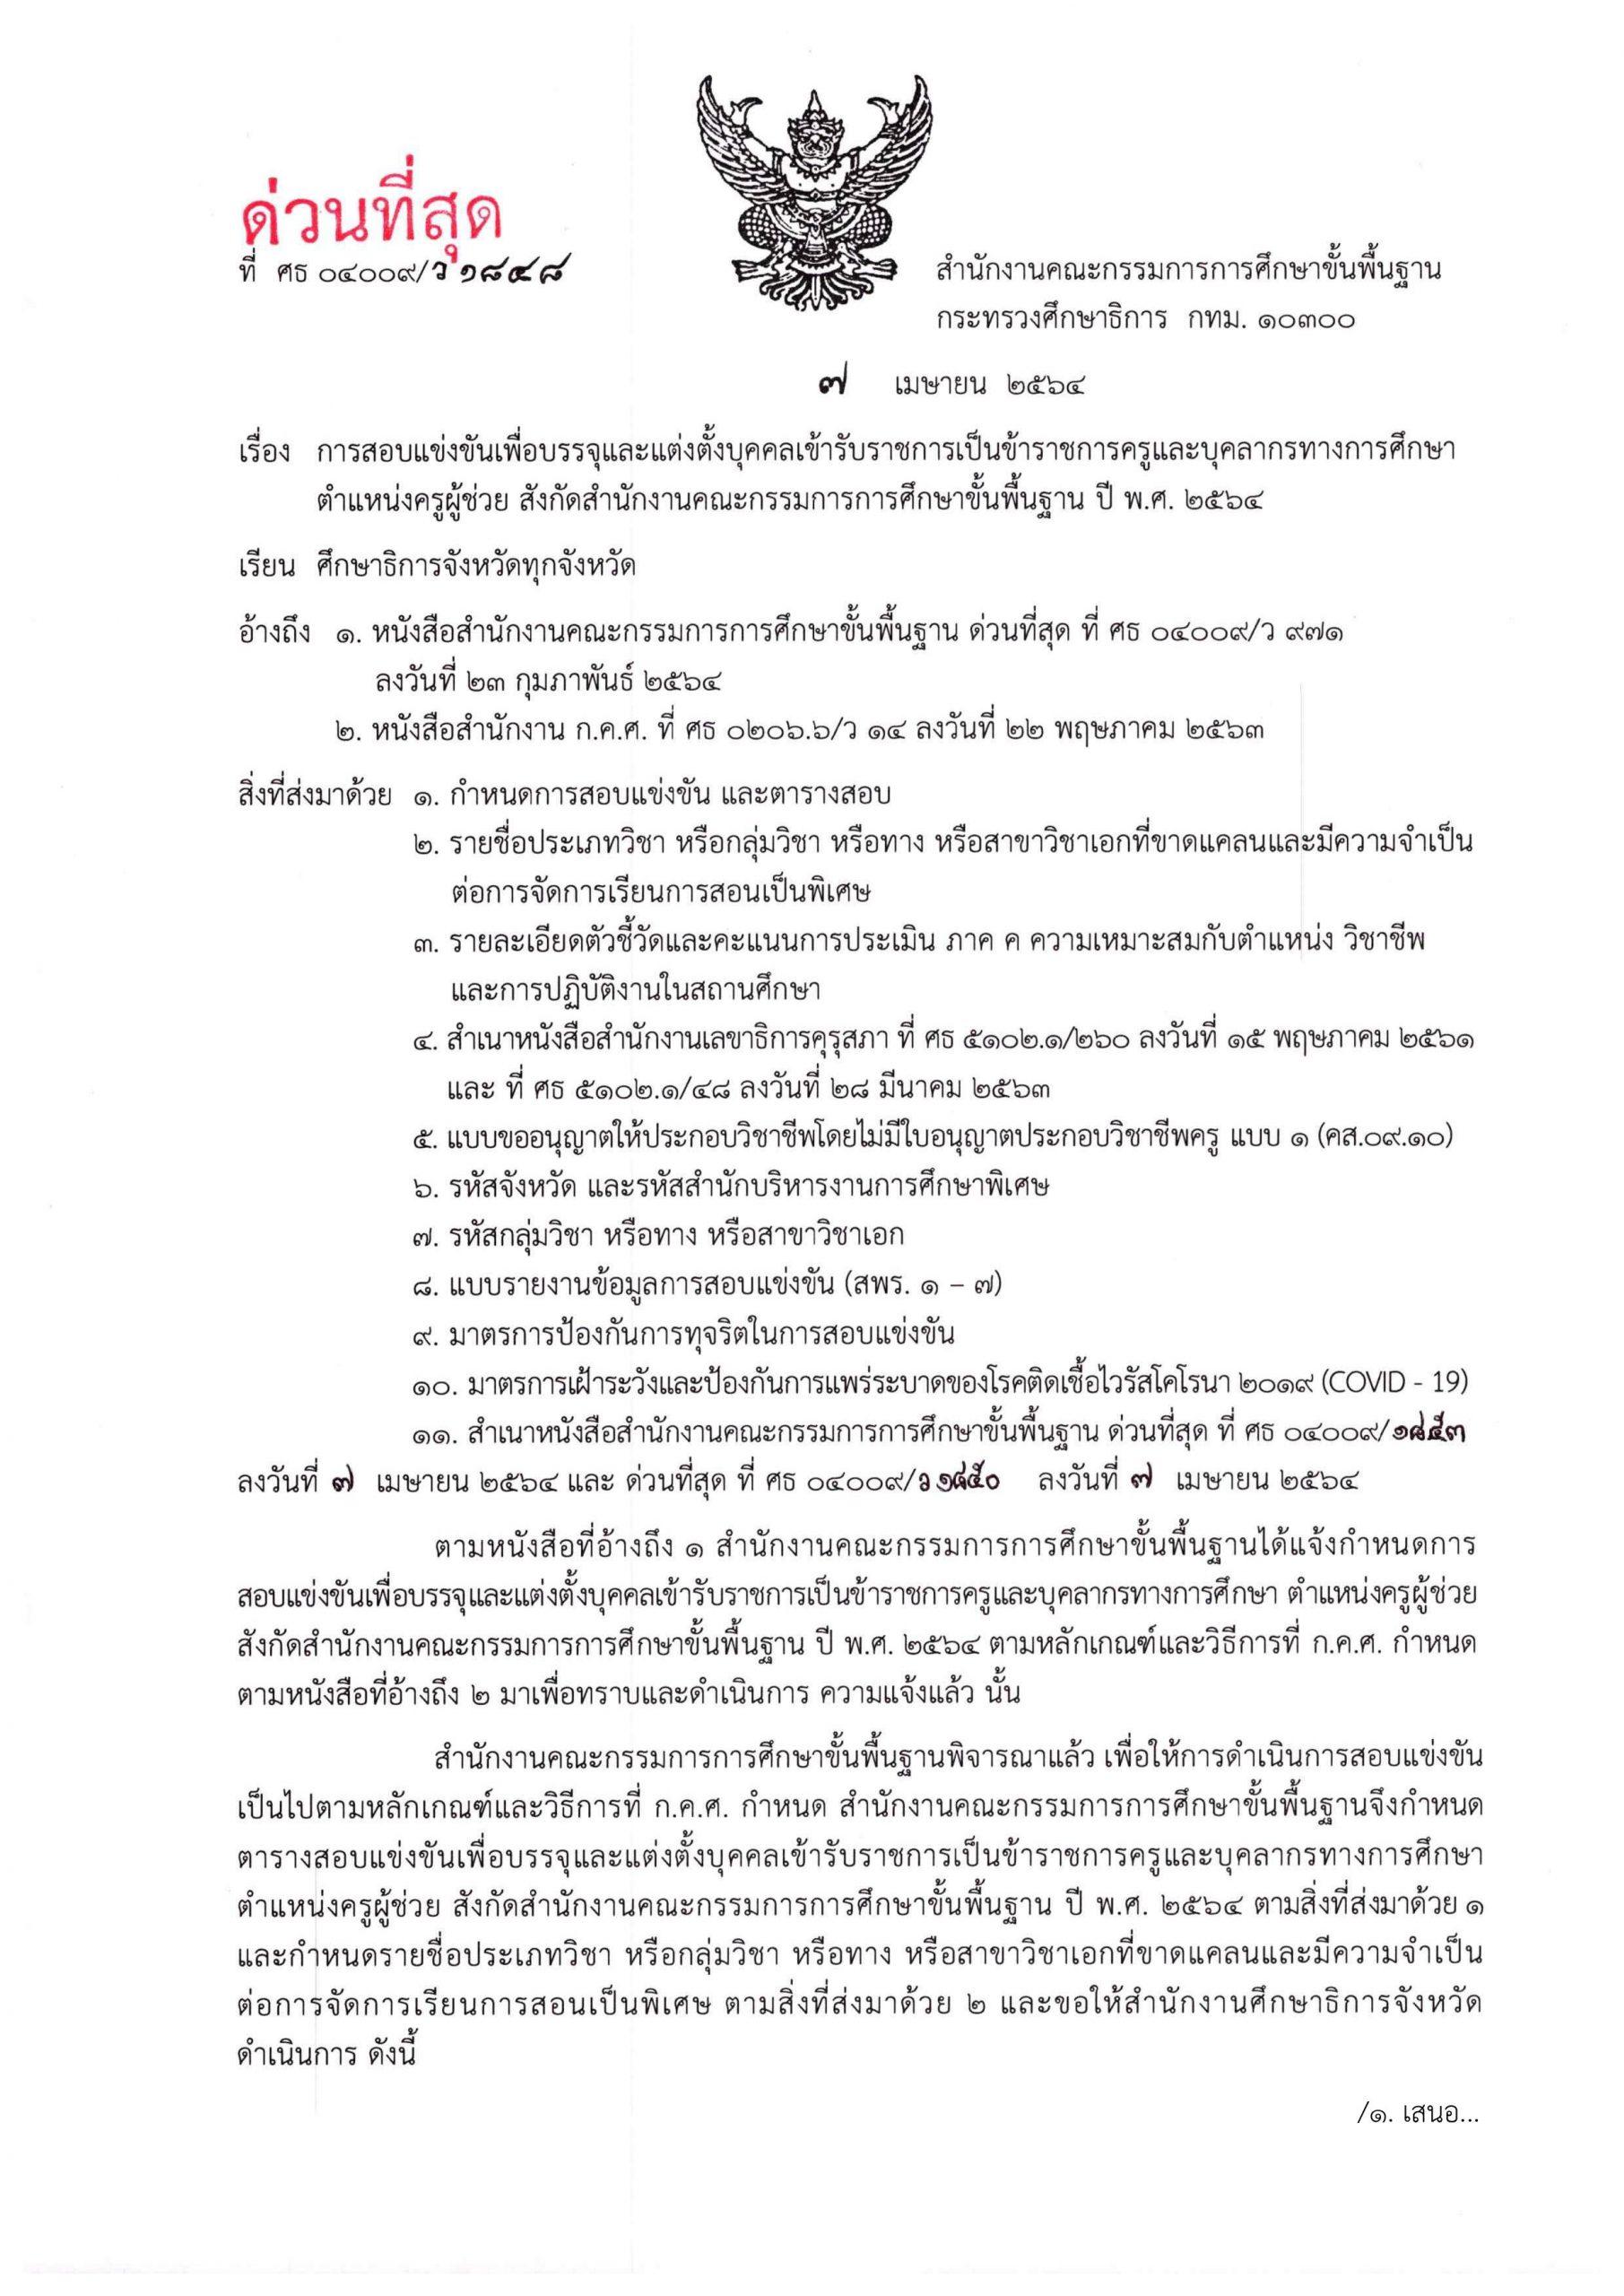 กำหนดการสอบบรรจุ ครูผู้ช่วย สพฐ. ปี 2564 สอบครูผู้ช่วย ประกาศล่าสุด 7 เมษายน 2564 01